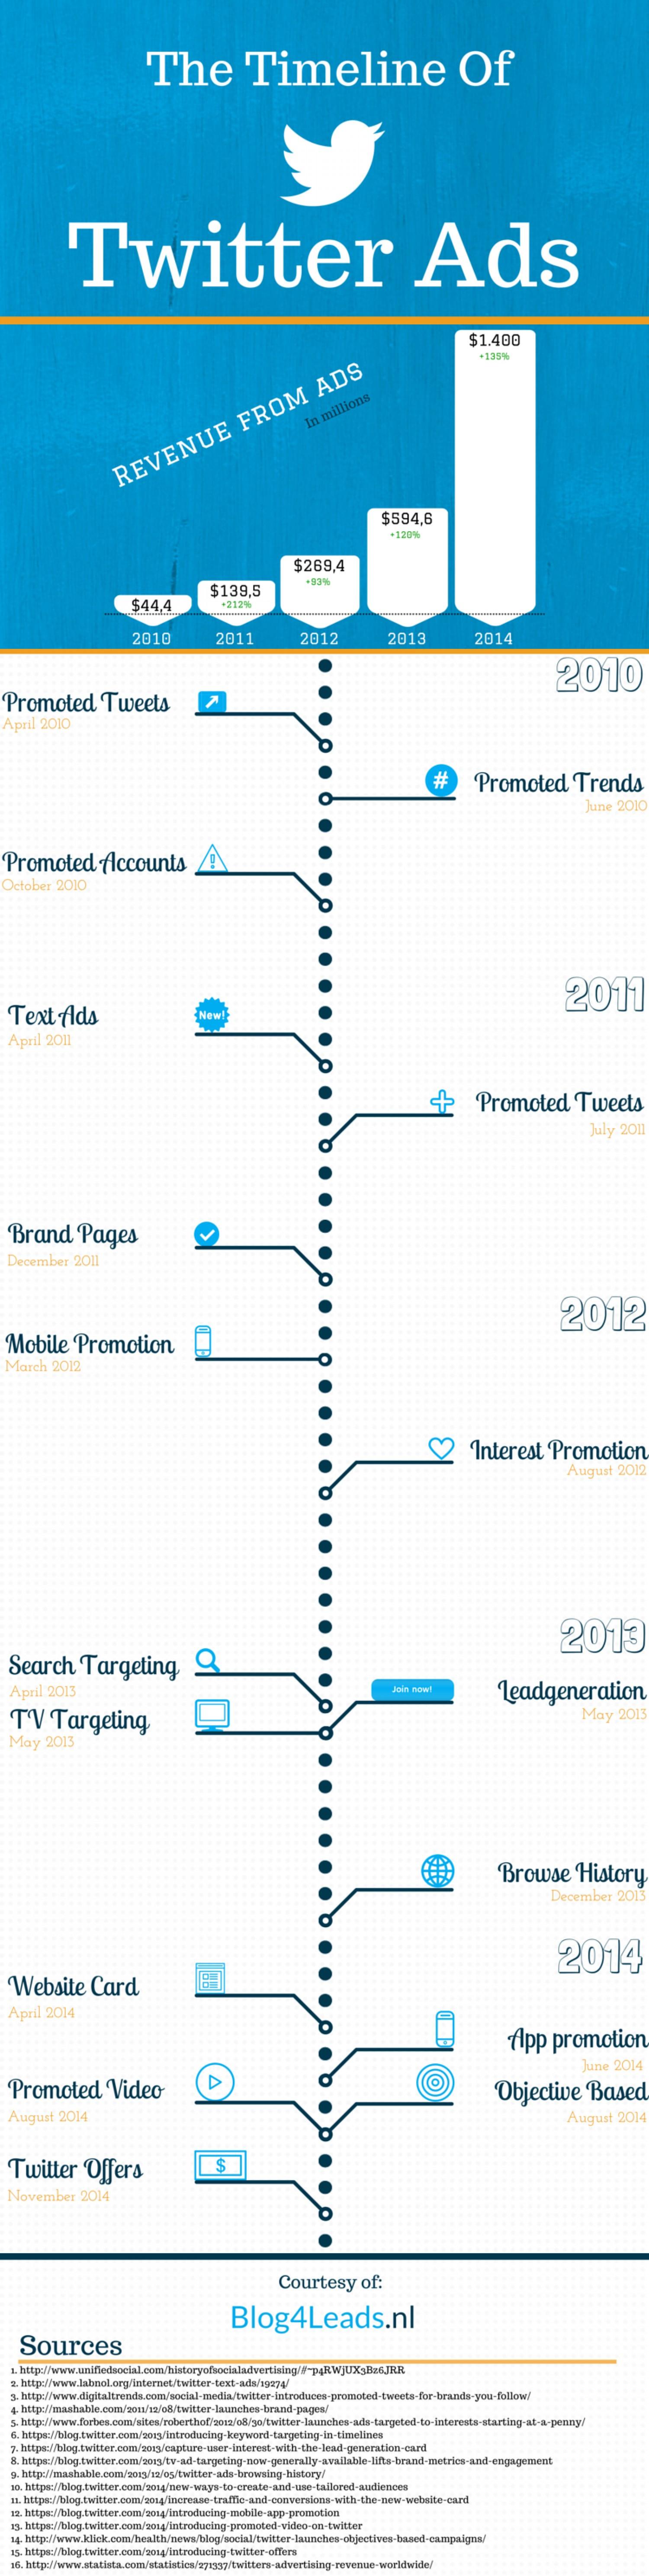 history-timeline-of-twitter-ads-on-timelines_5500316845971_w1500-techblogcorner